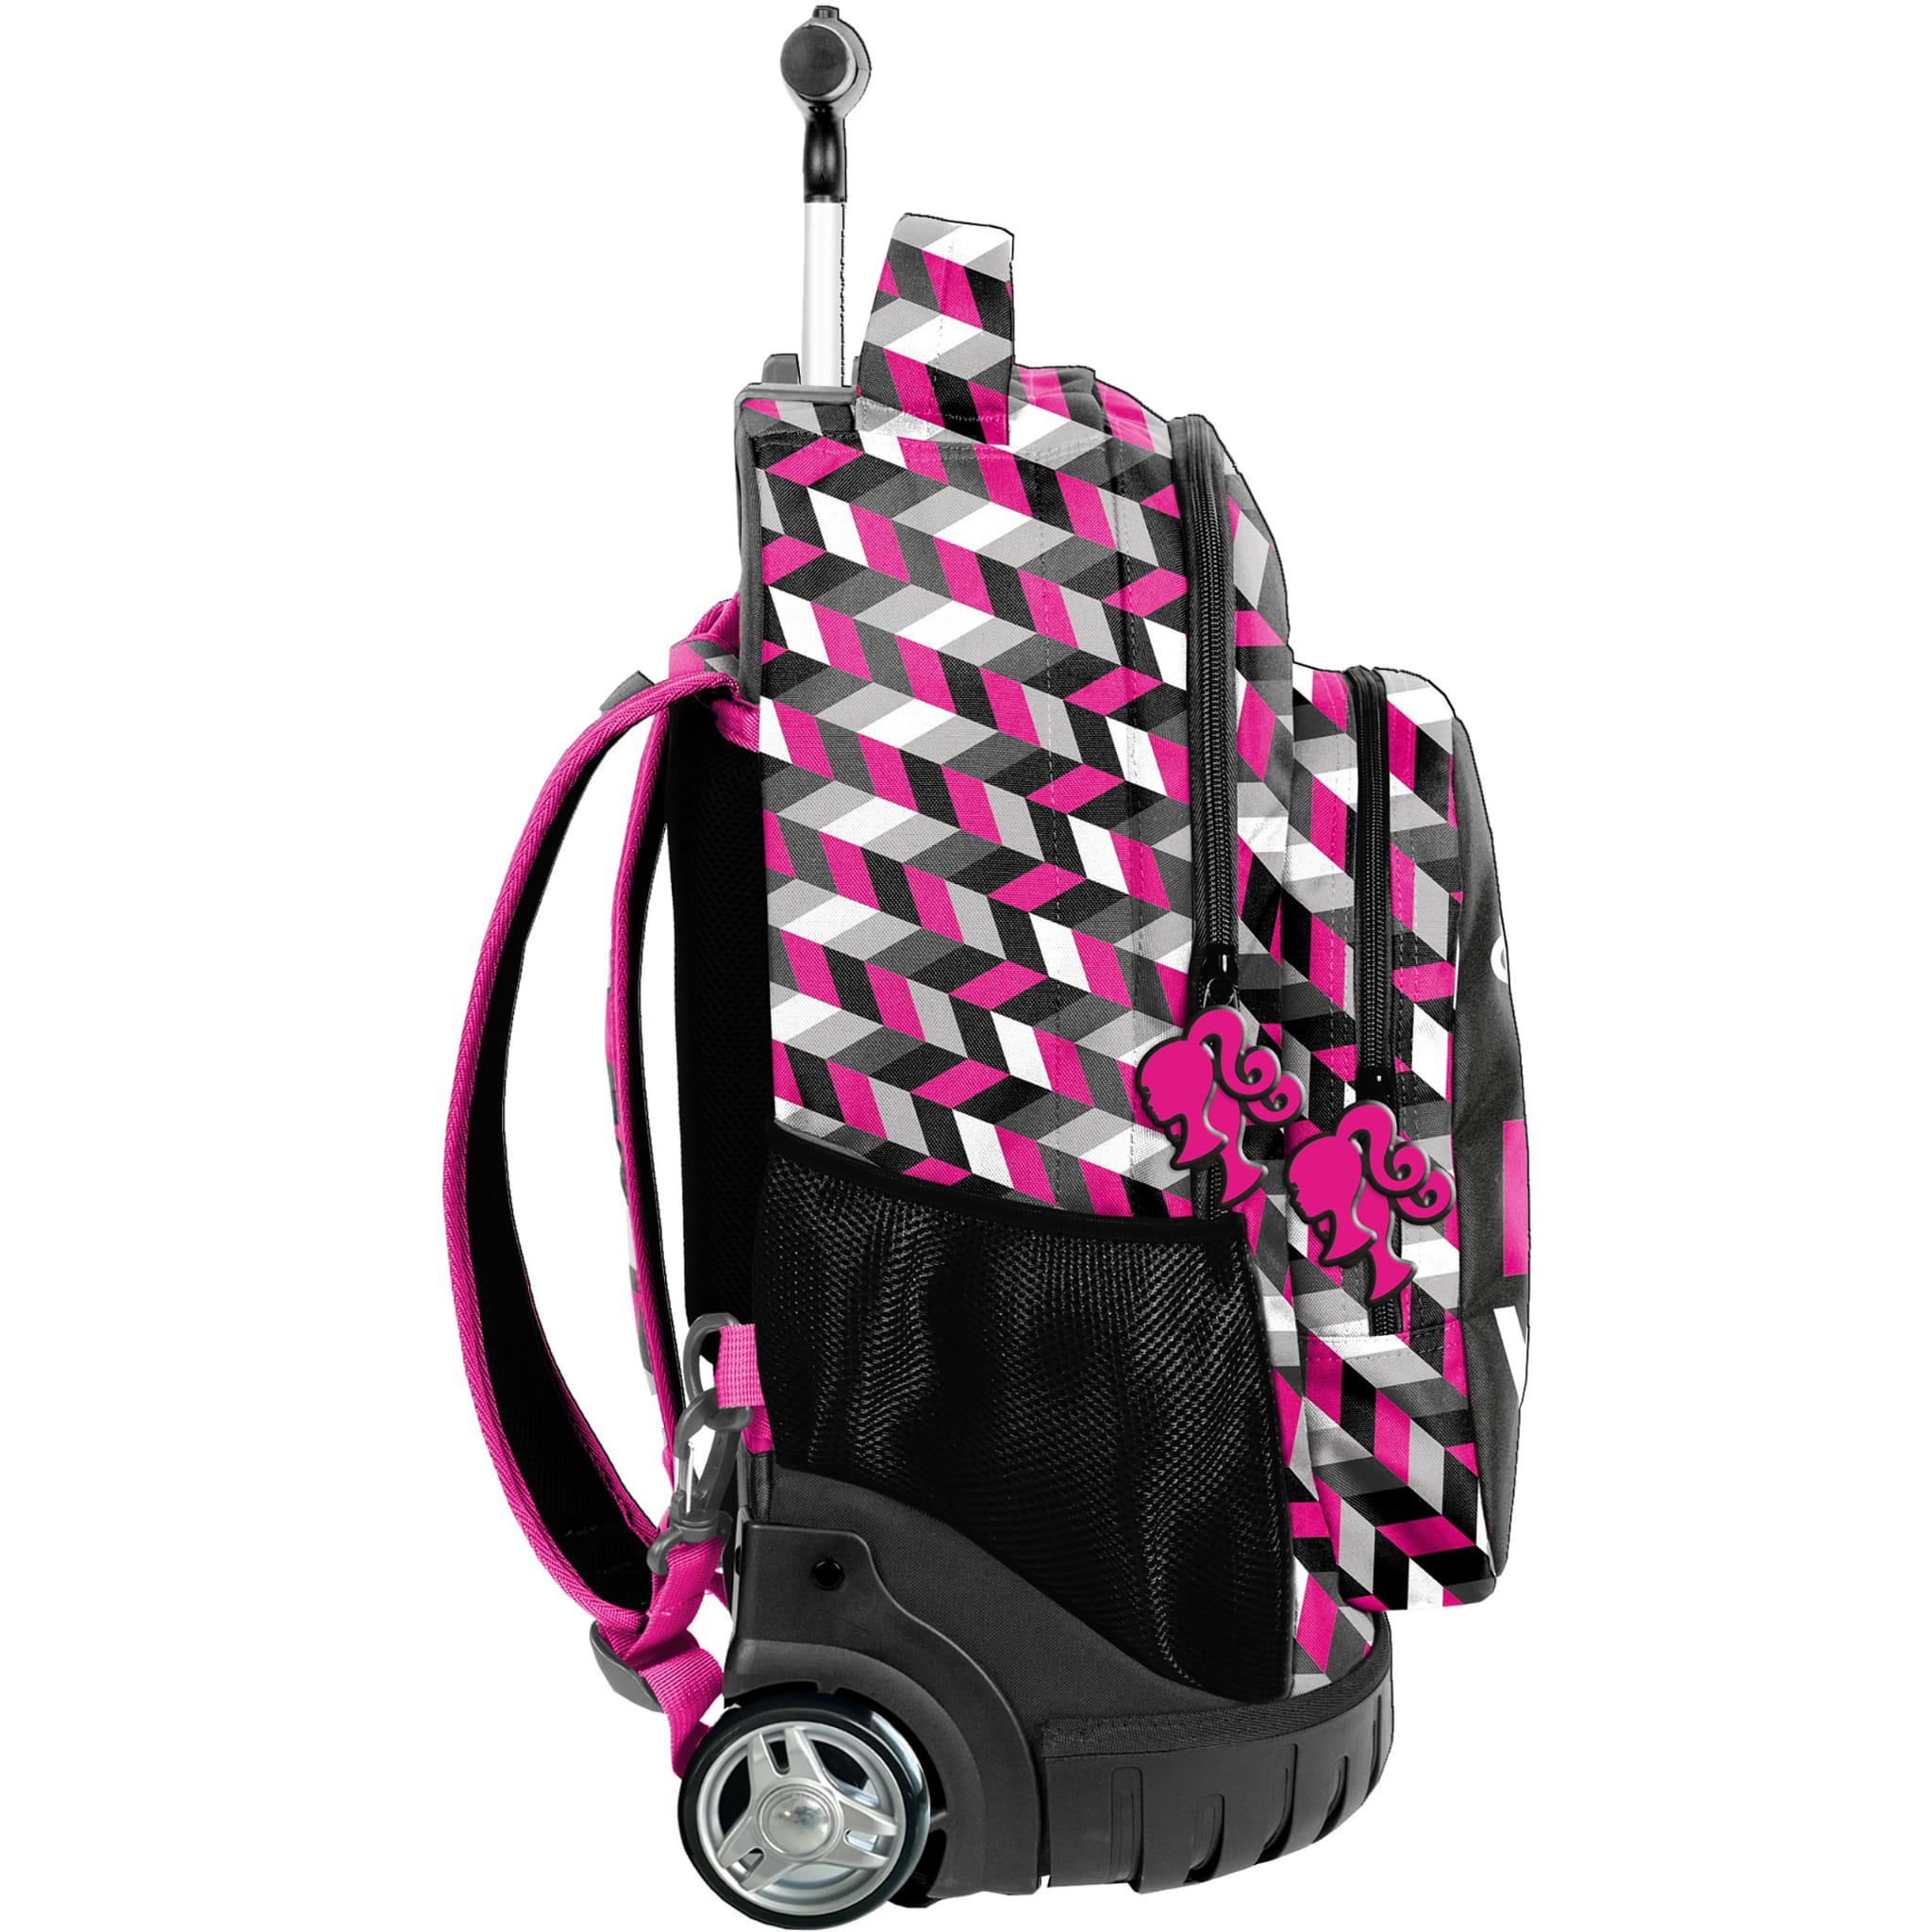 abe26204d5c6e Młodzieżowy plecak szkolny na kółkach Barbie PASO - BAE-1231 ...